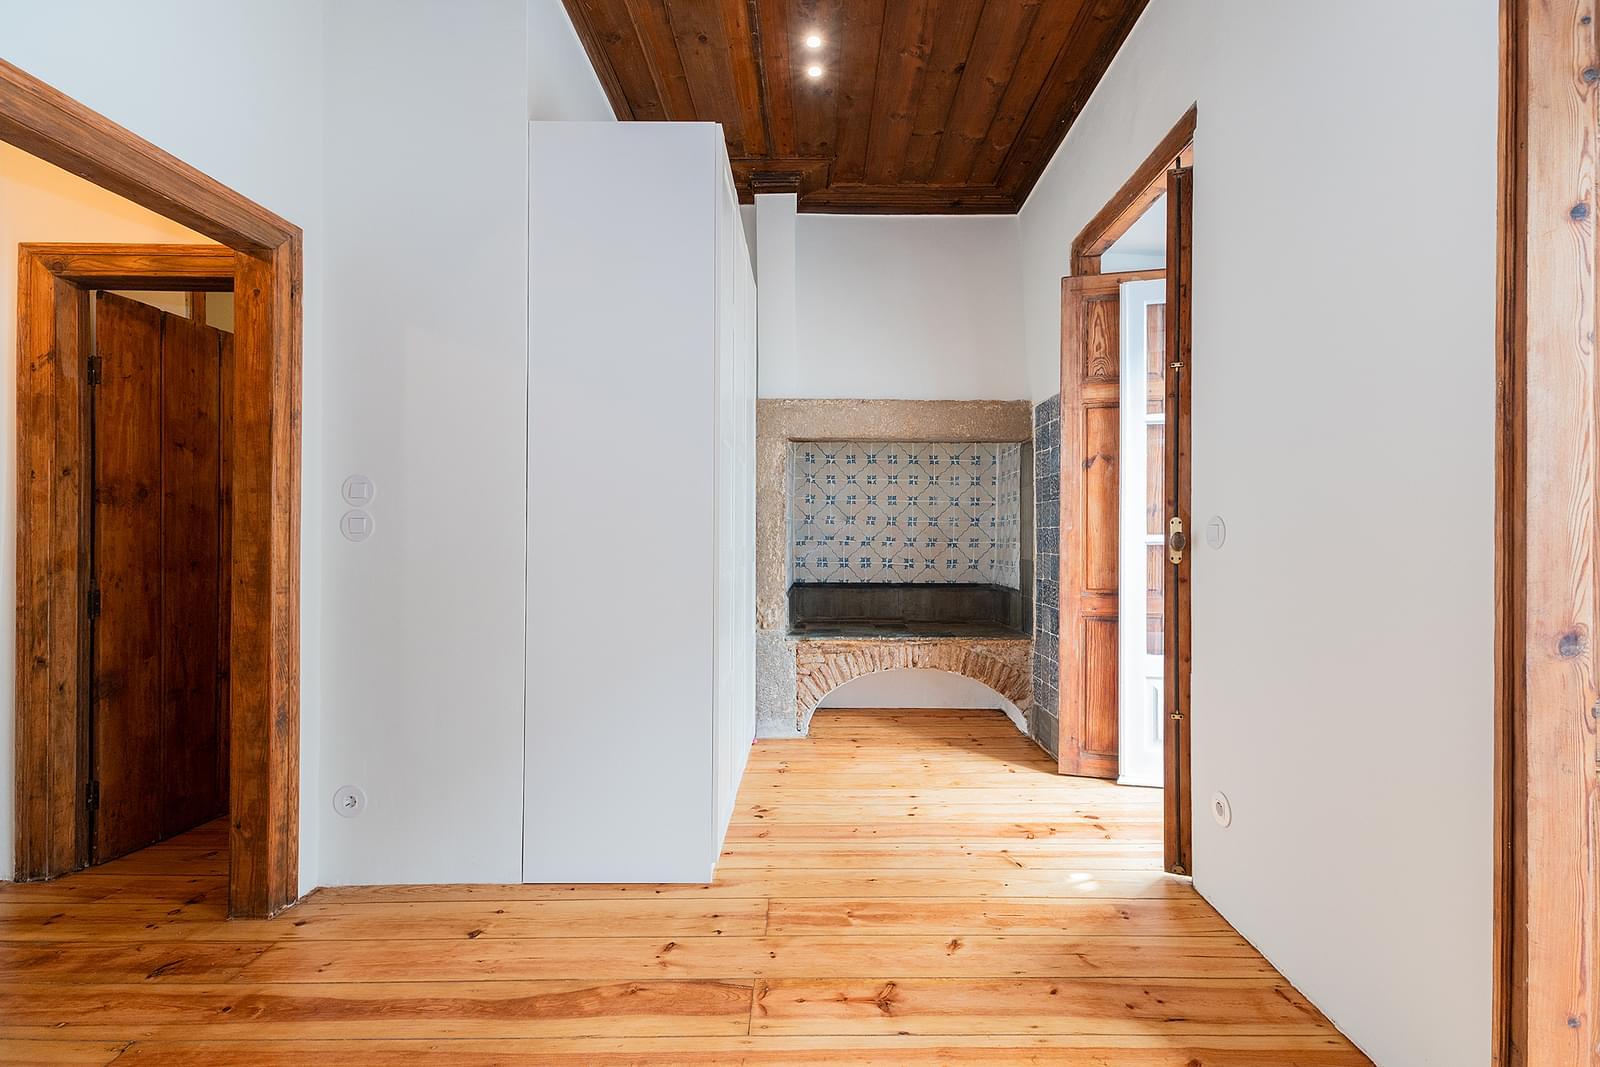 pf18016-apartamento-t2-1-lisboa-6c976878-5965-4cc8-aa6e-d80a622f4bfa